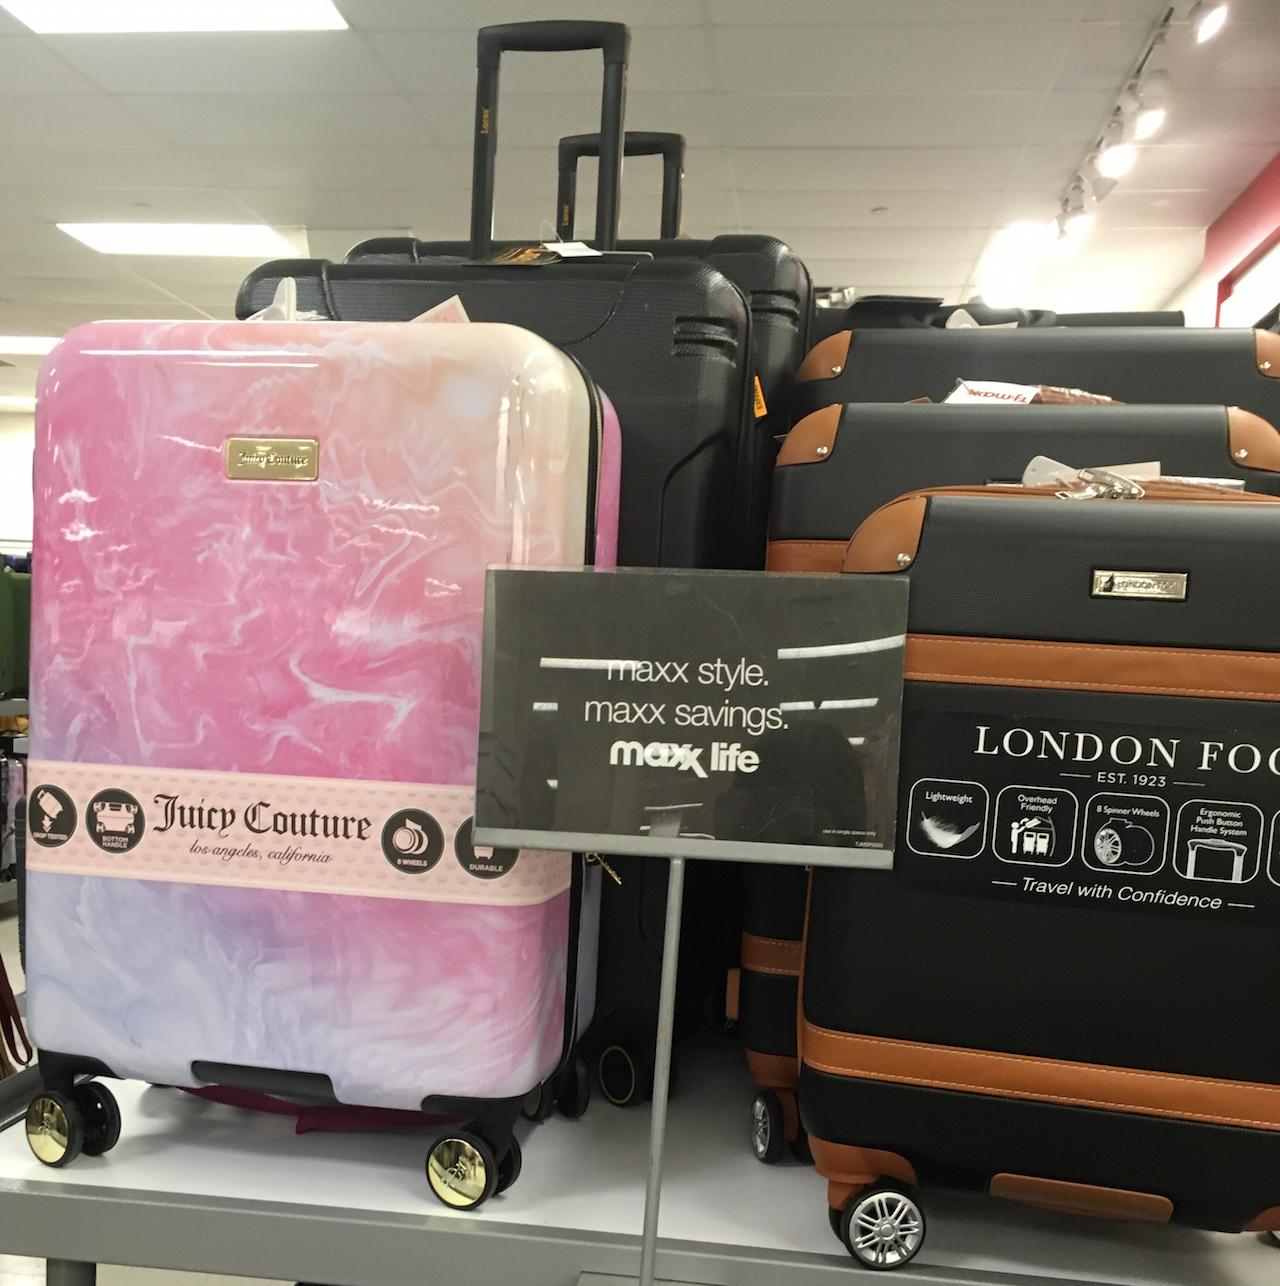 ジューシー・クチュール ロンドンフォグ スーツケース